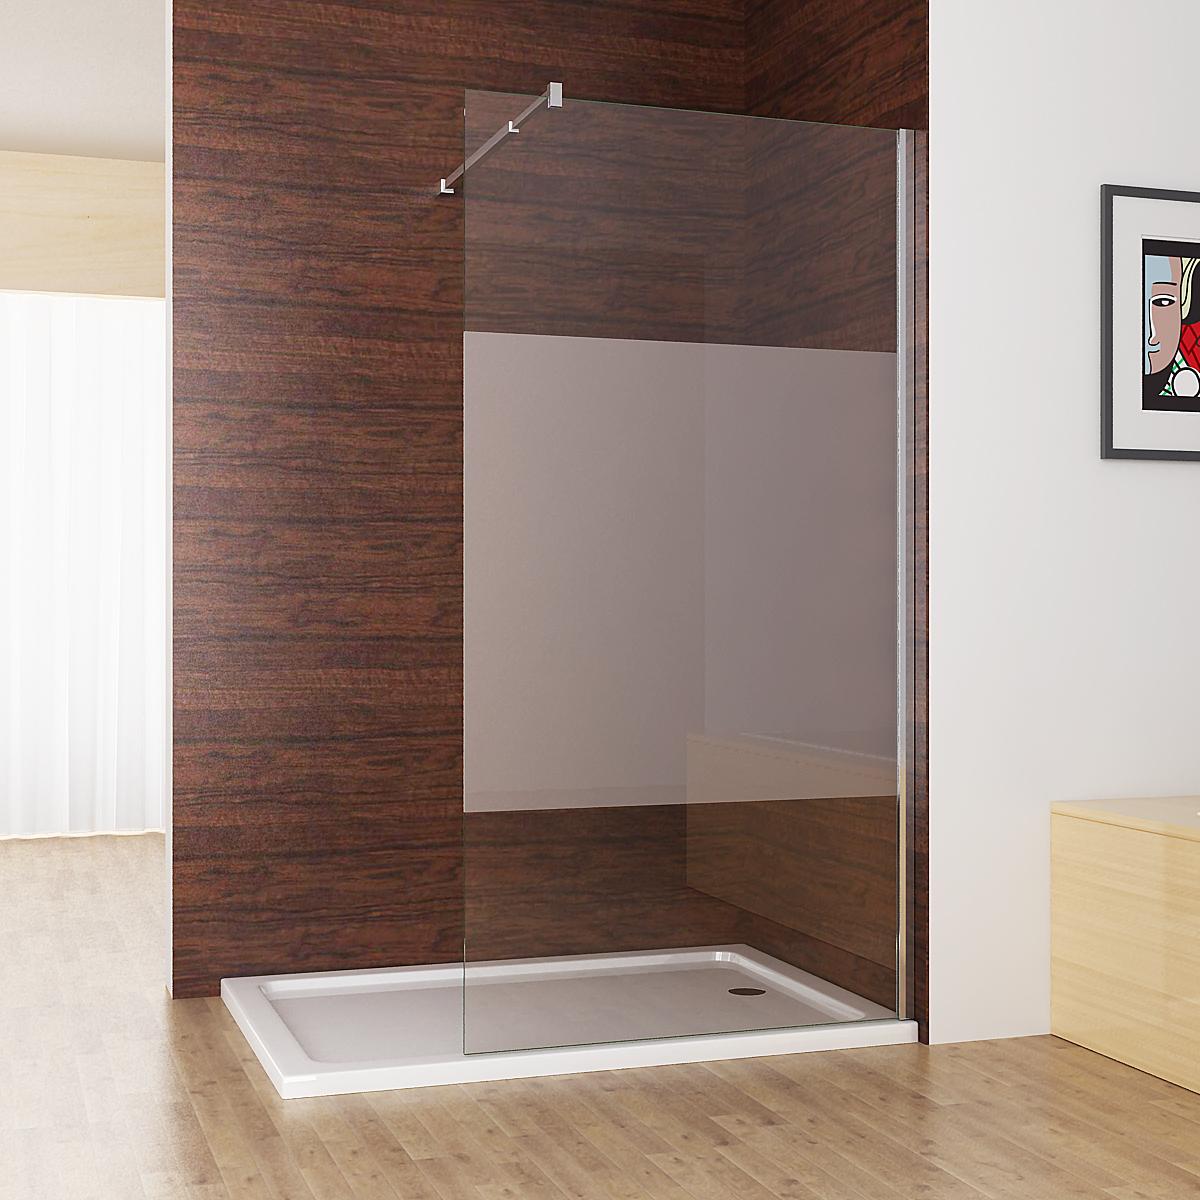 Glas Duschabtrennung.Walk In Dusche Duschabtrennung Duschwand 10mm Nano Teilsatin Glas 80 120 X 200cm Cc